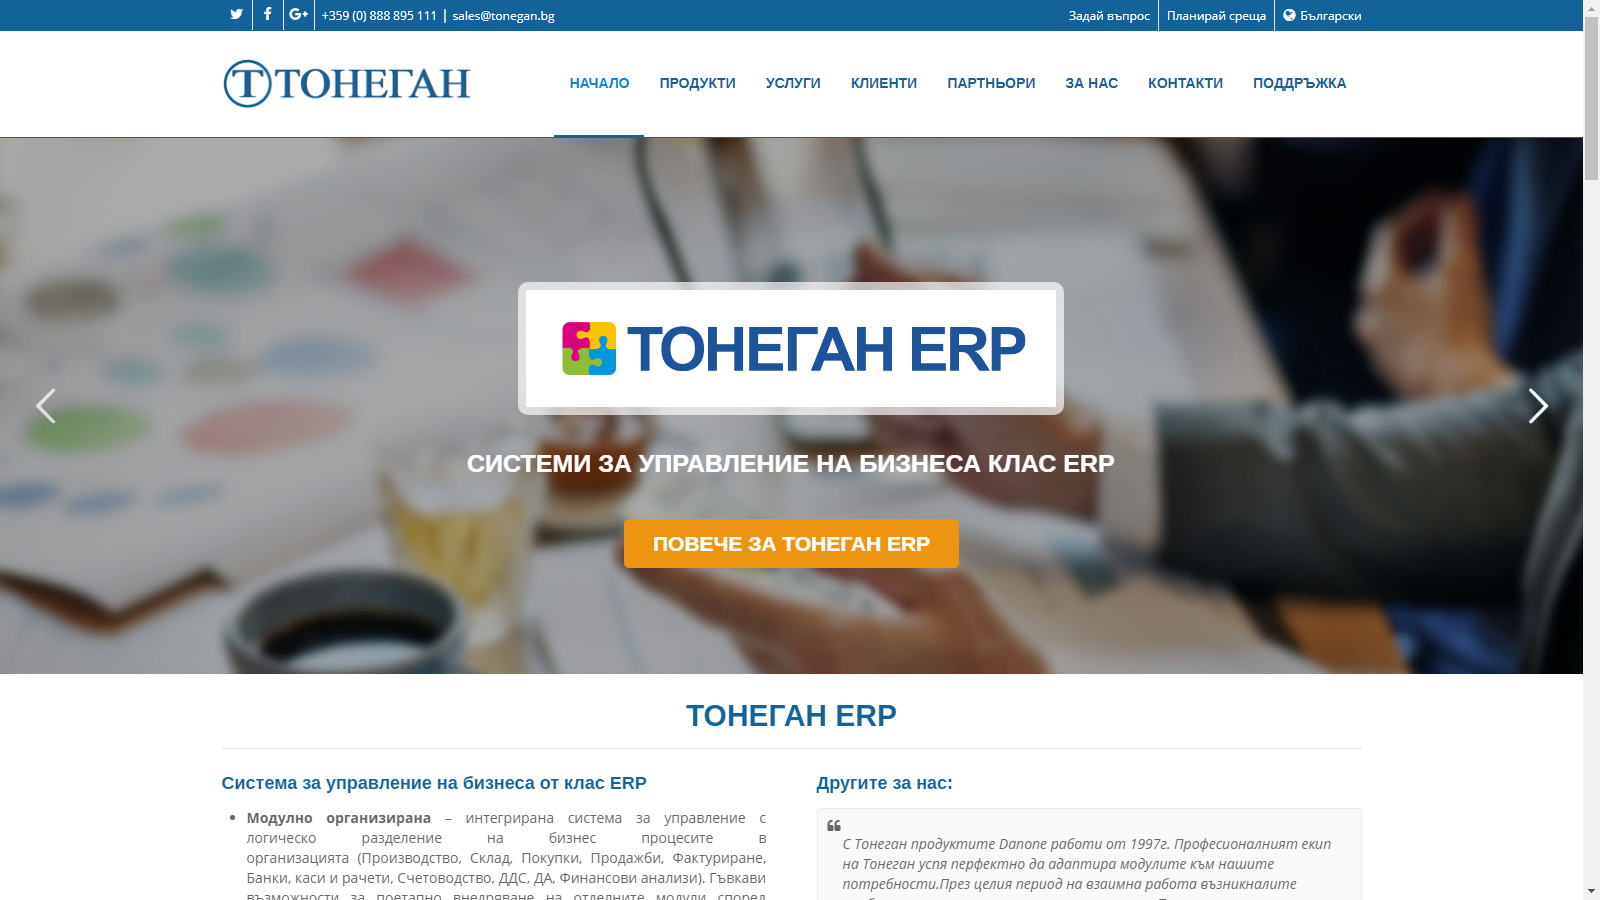 Нова визия на сайта http://tonegan.bg – ERP системи и HRMS системи